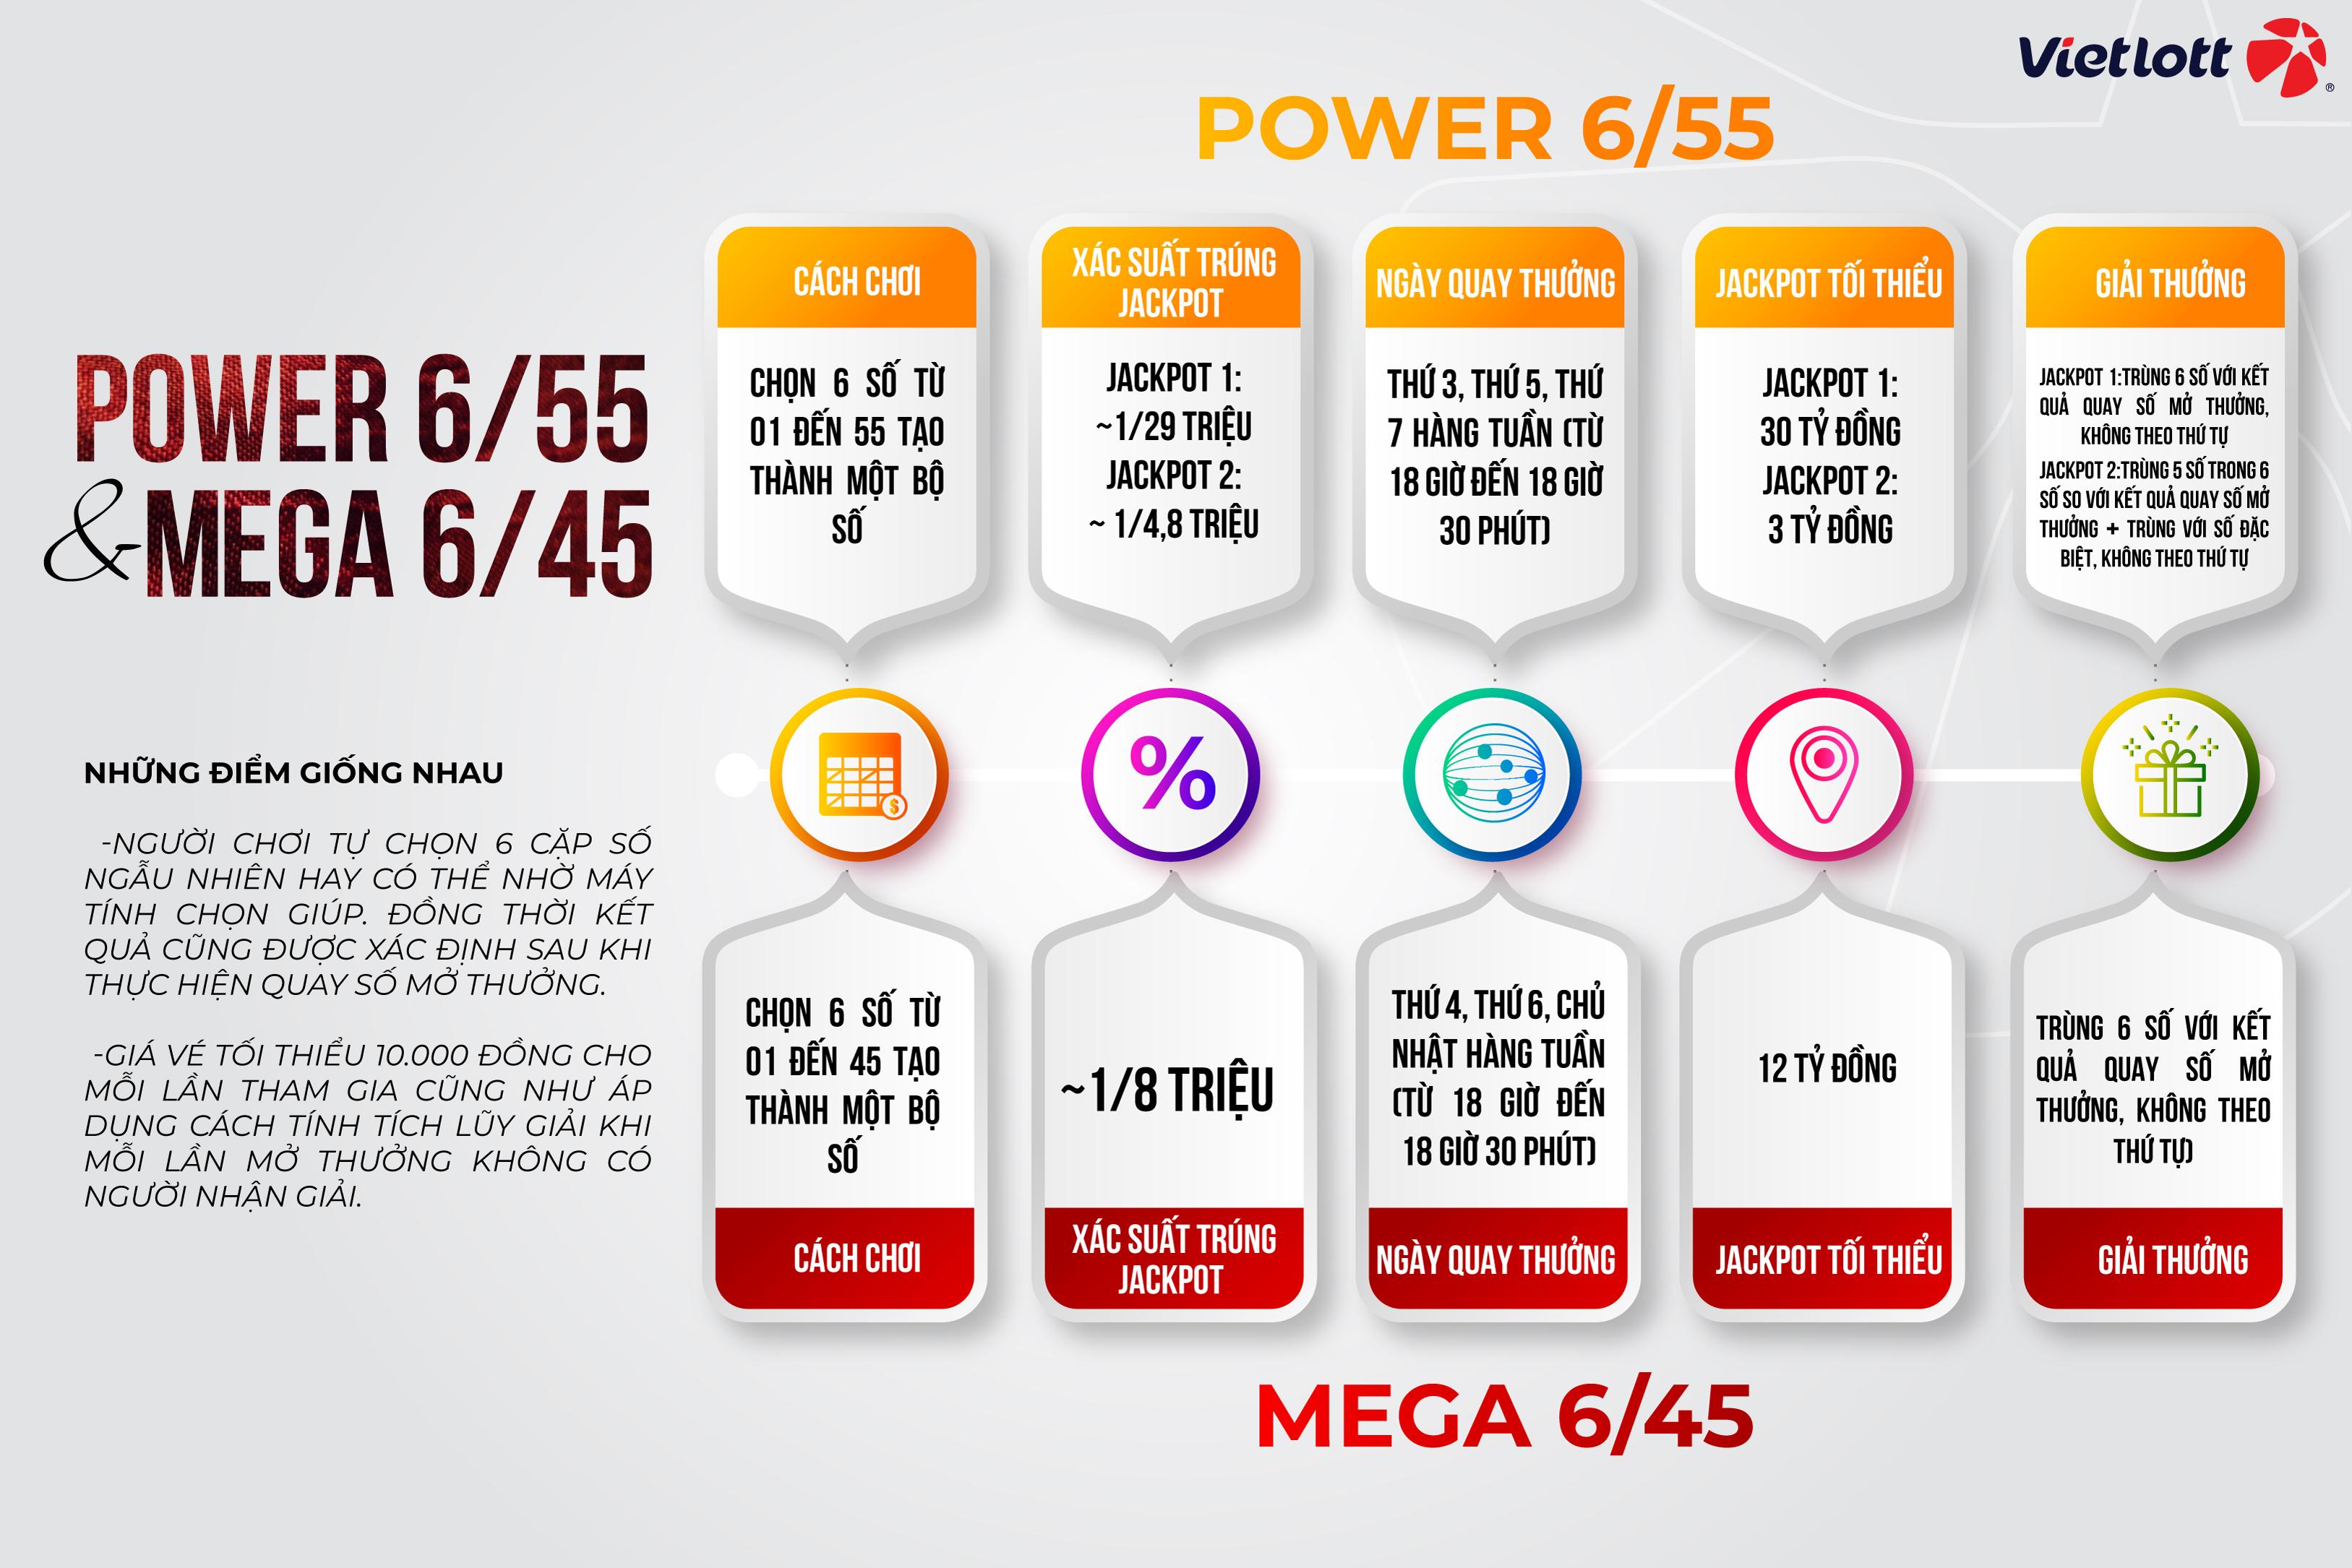 So sánh Mega 6/45 và Power 6/55